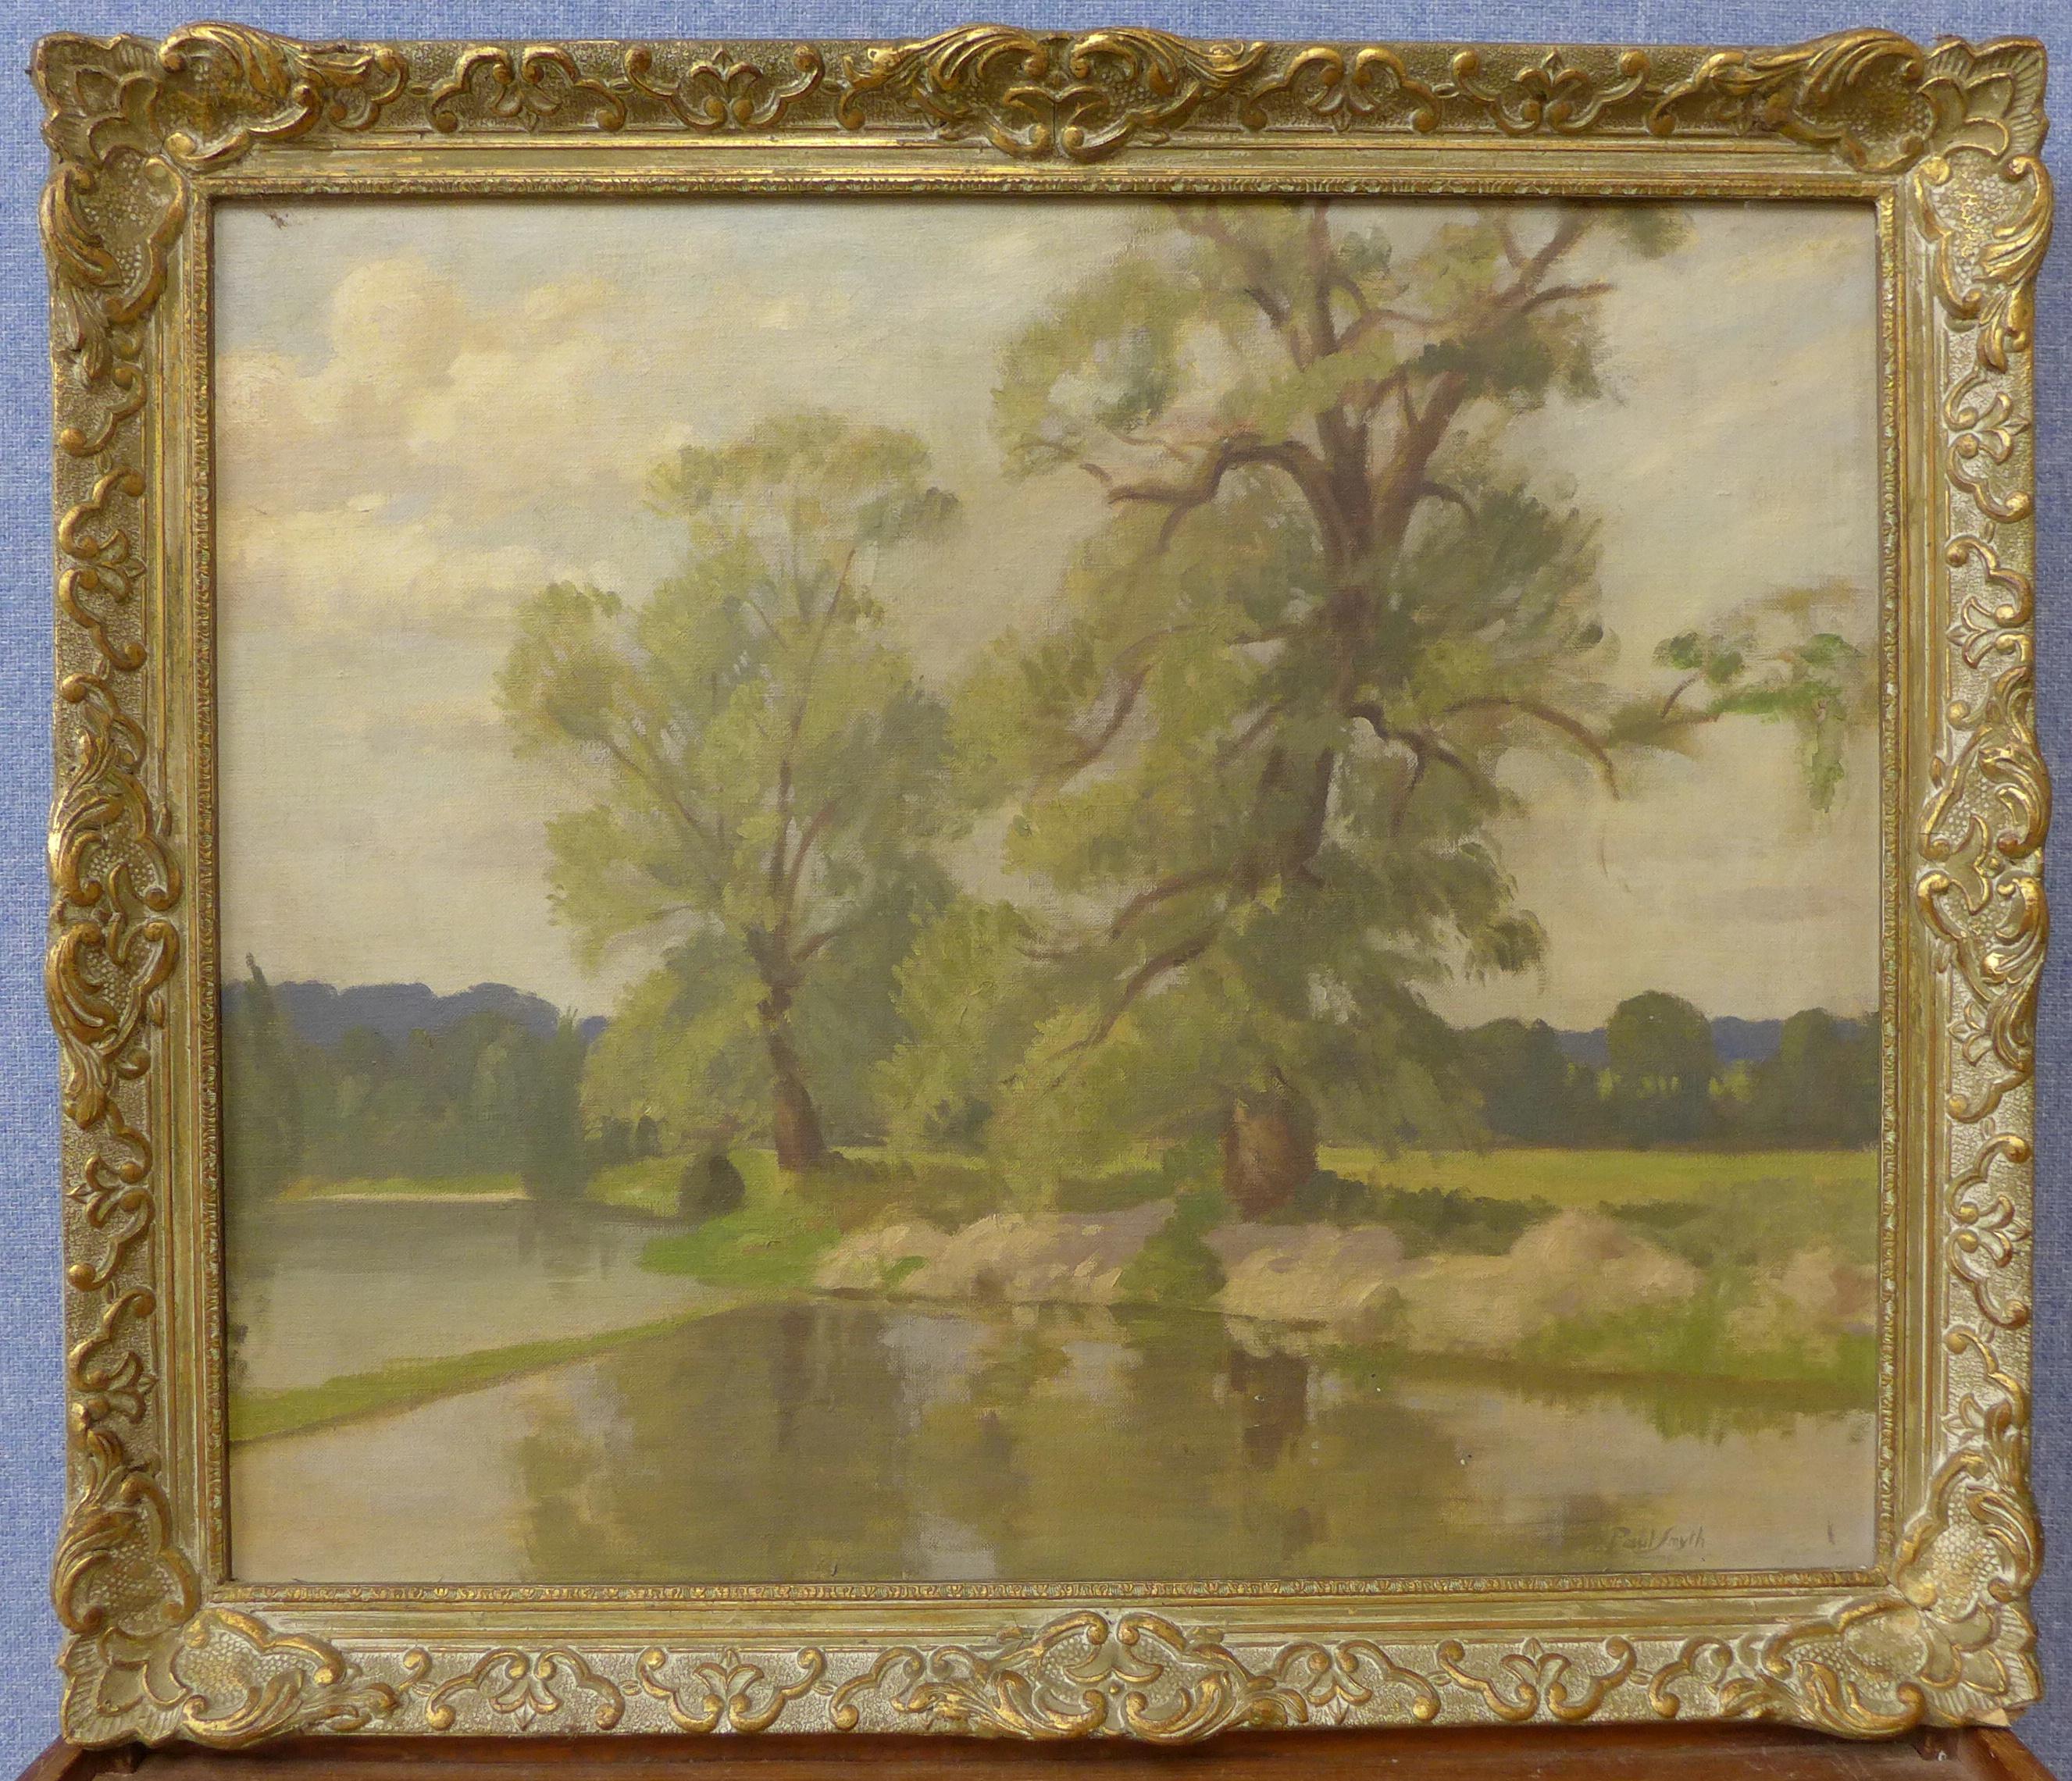 Lot 5 - Paul Smyth (Norfolk School), Poplars by a River, Beswick, oil on canvas, 50 x 60cms,